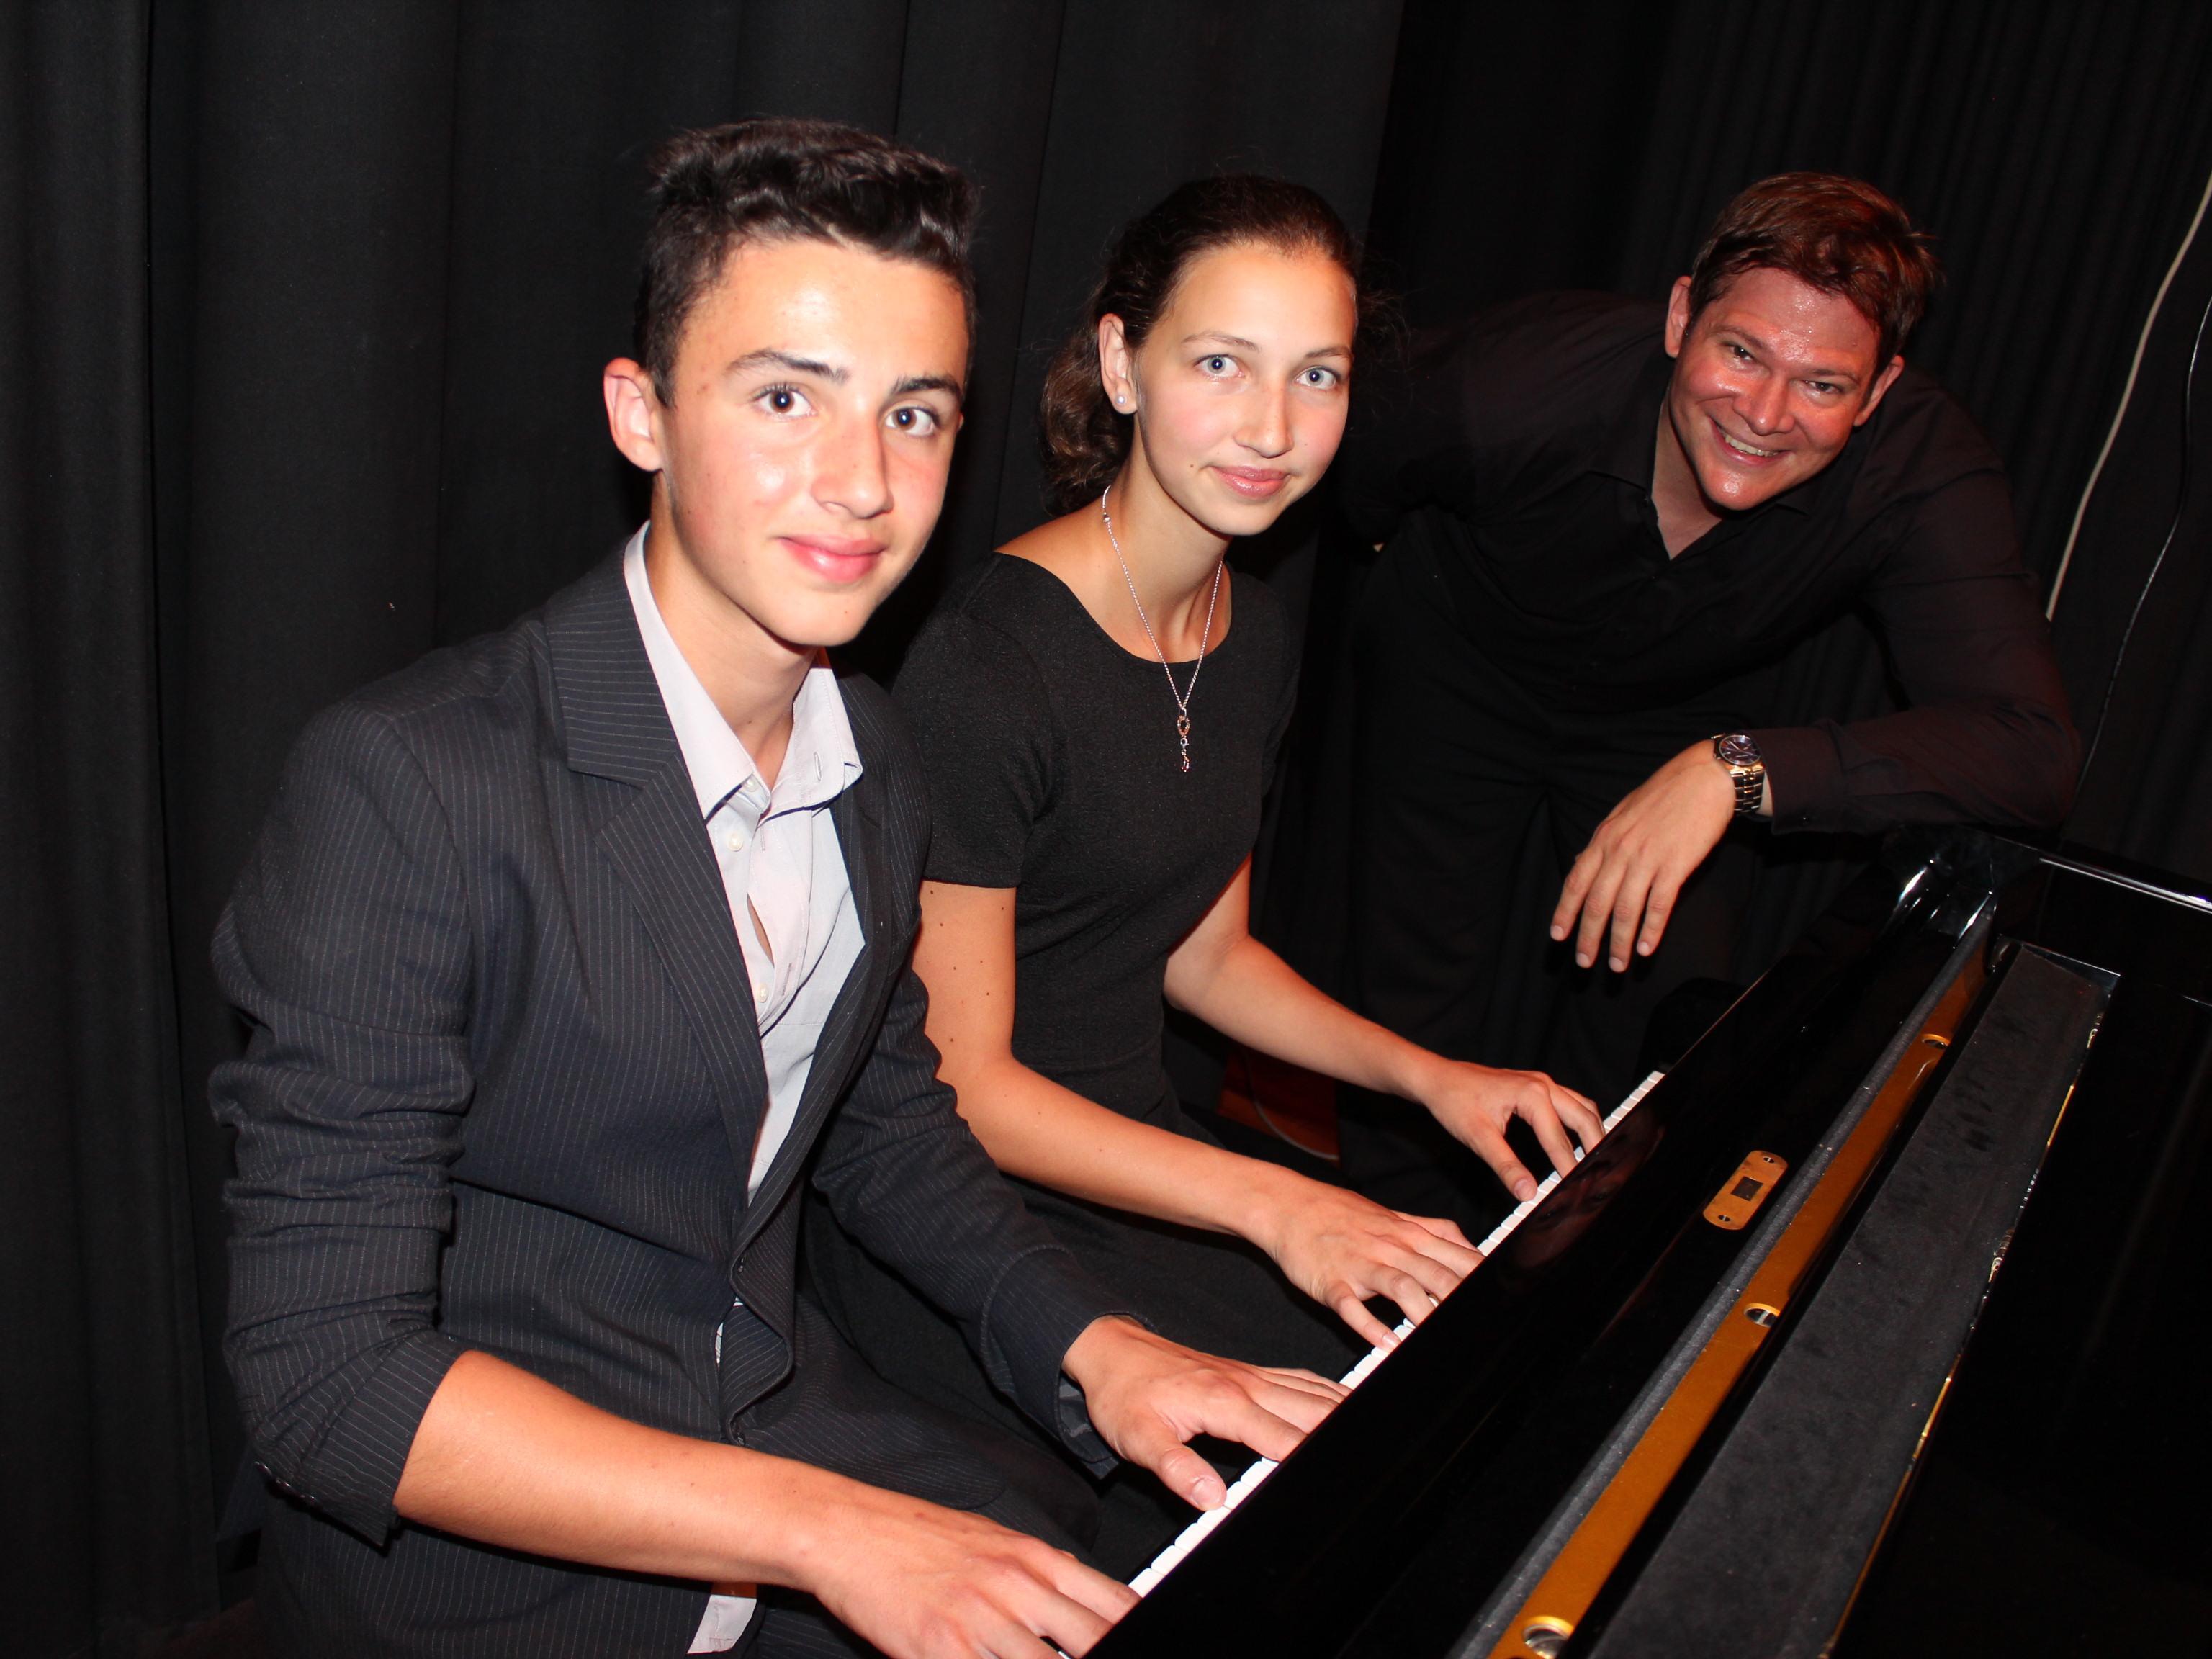 Irina und Valentin Yashin mit Musikschullehrer Arndt Rausch.